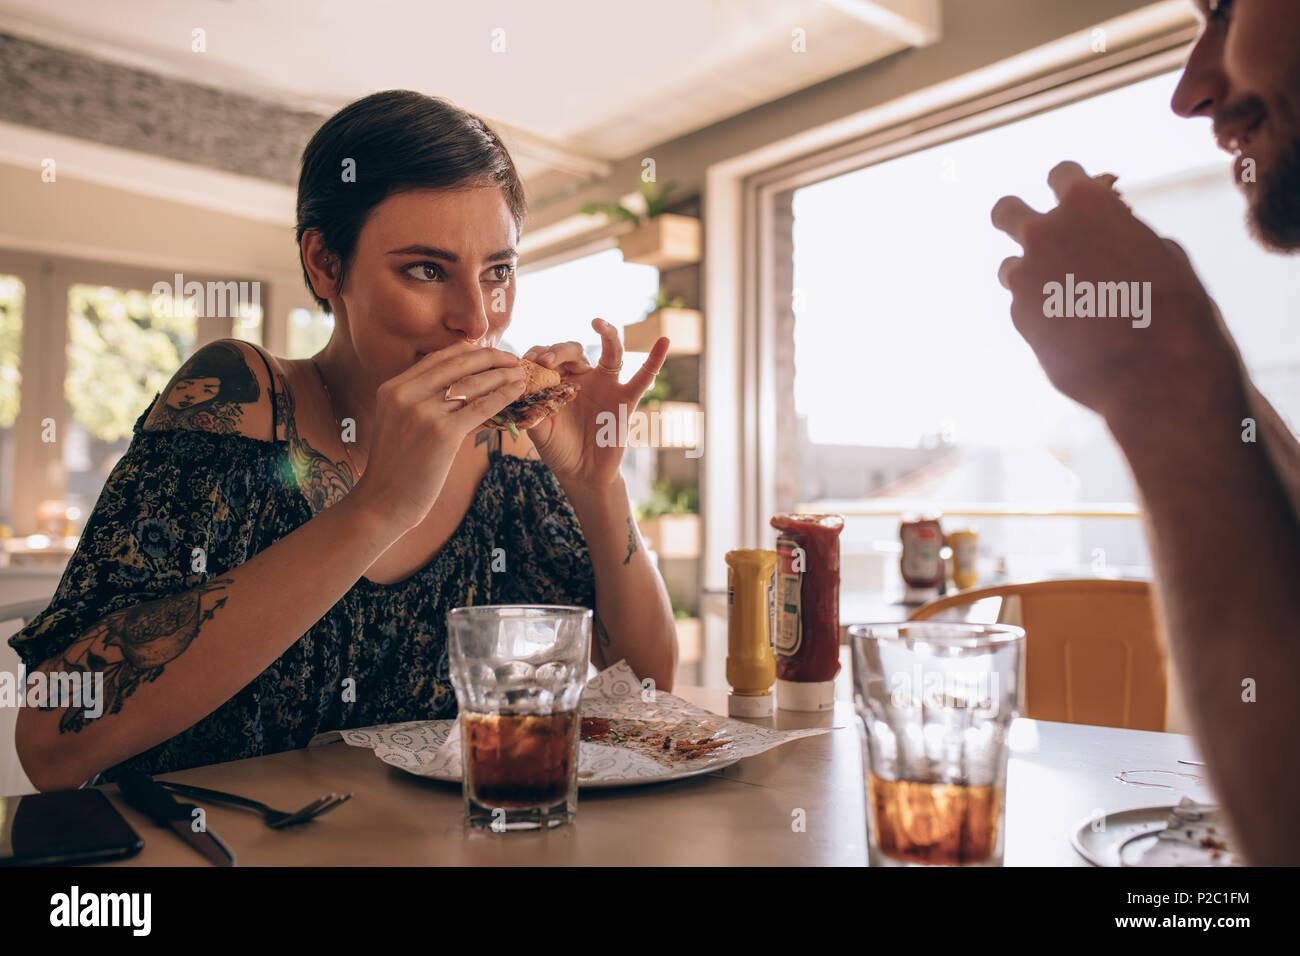 Young woman eating burger avec son petit ami assis autour de la table dans un restaurant. Couple having burger au café. Photo Stock